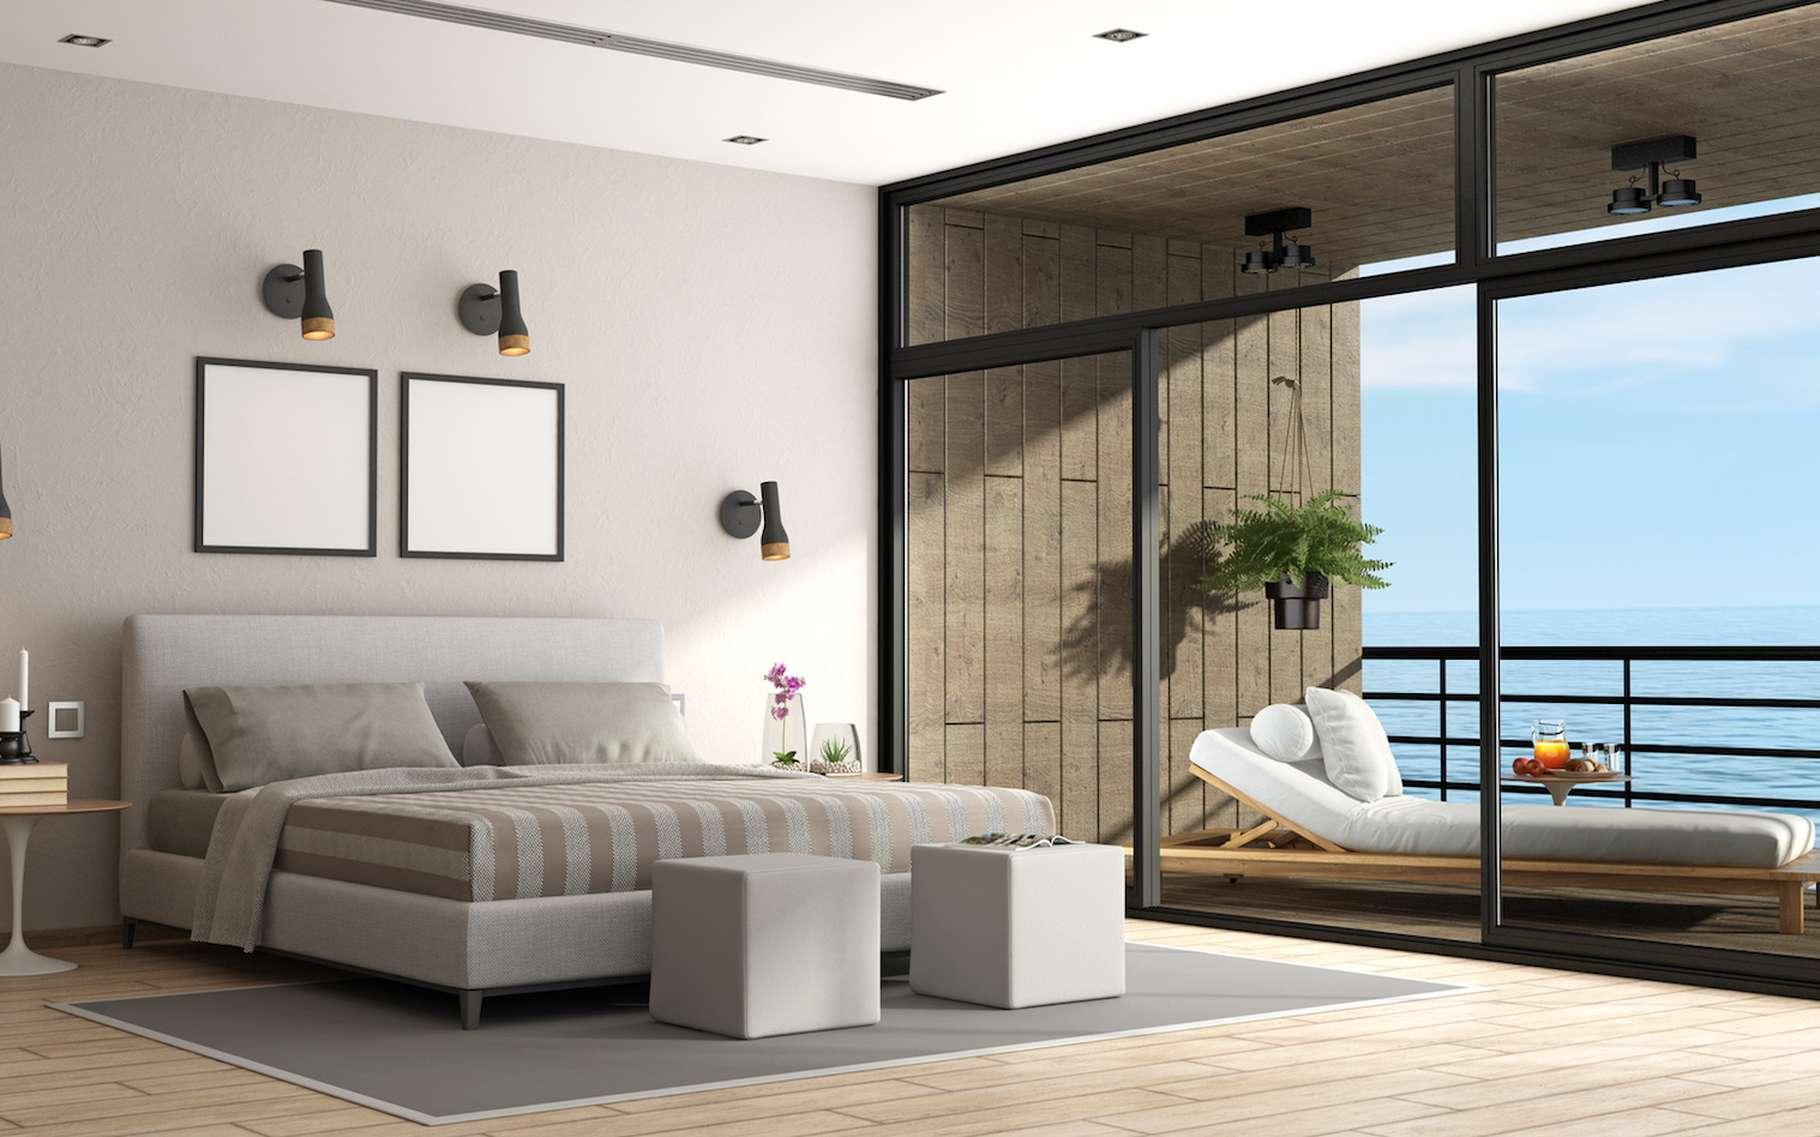 Porte-fenêtre coulissante ou baie vitrée, les deux termes désignent en réalité un seul et même système d'ouverture d'une pièce sur l'extérieur. © archideaphoto, Fotolia